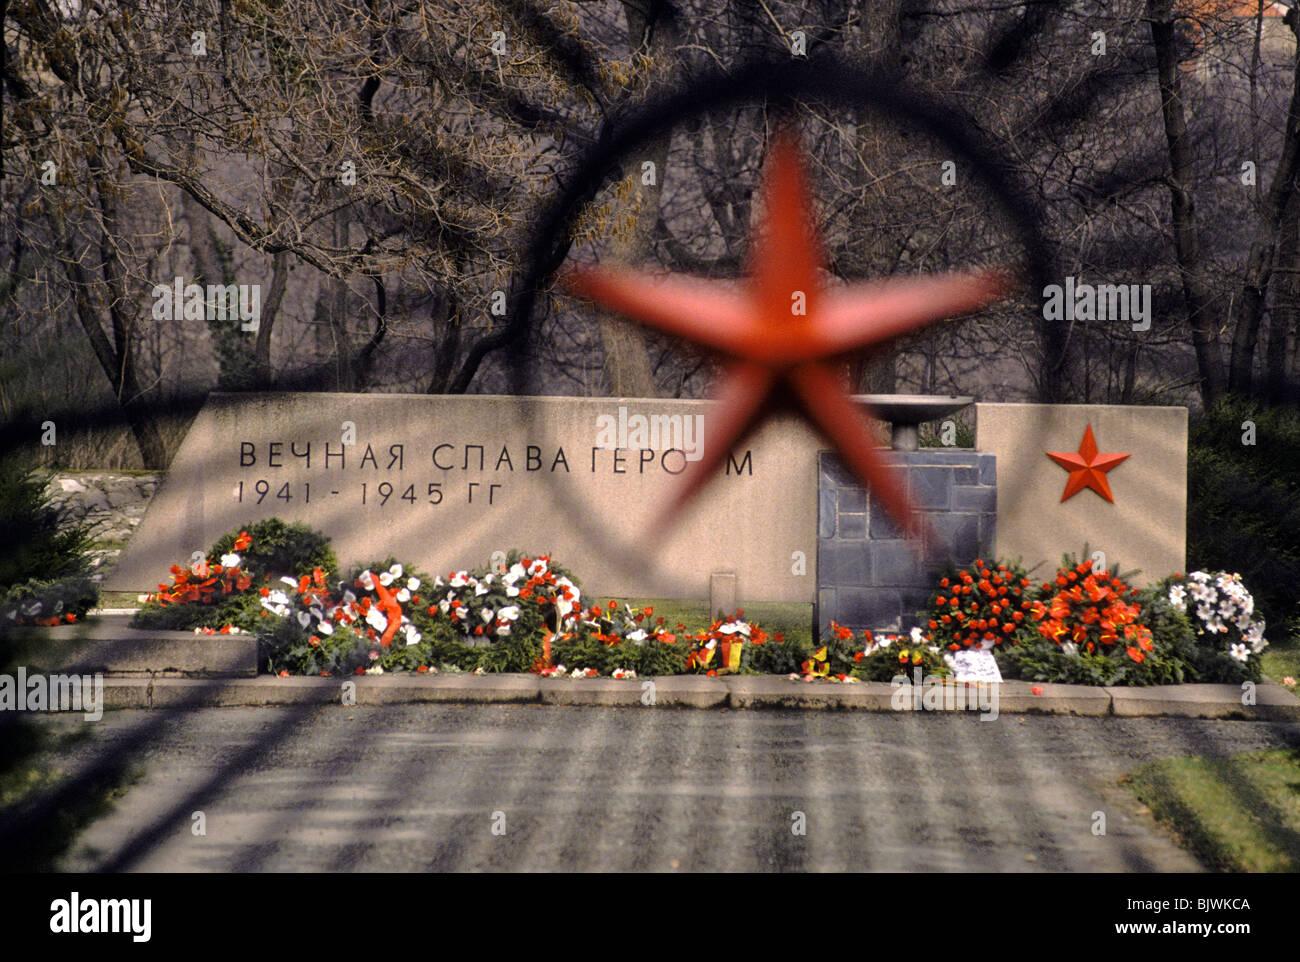 Un monumento a los soldados rusos muertos durante la Segunda Guerra Mundial ll en Potsdam, Alemania Imagen De Stock